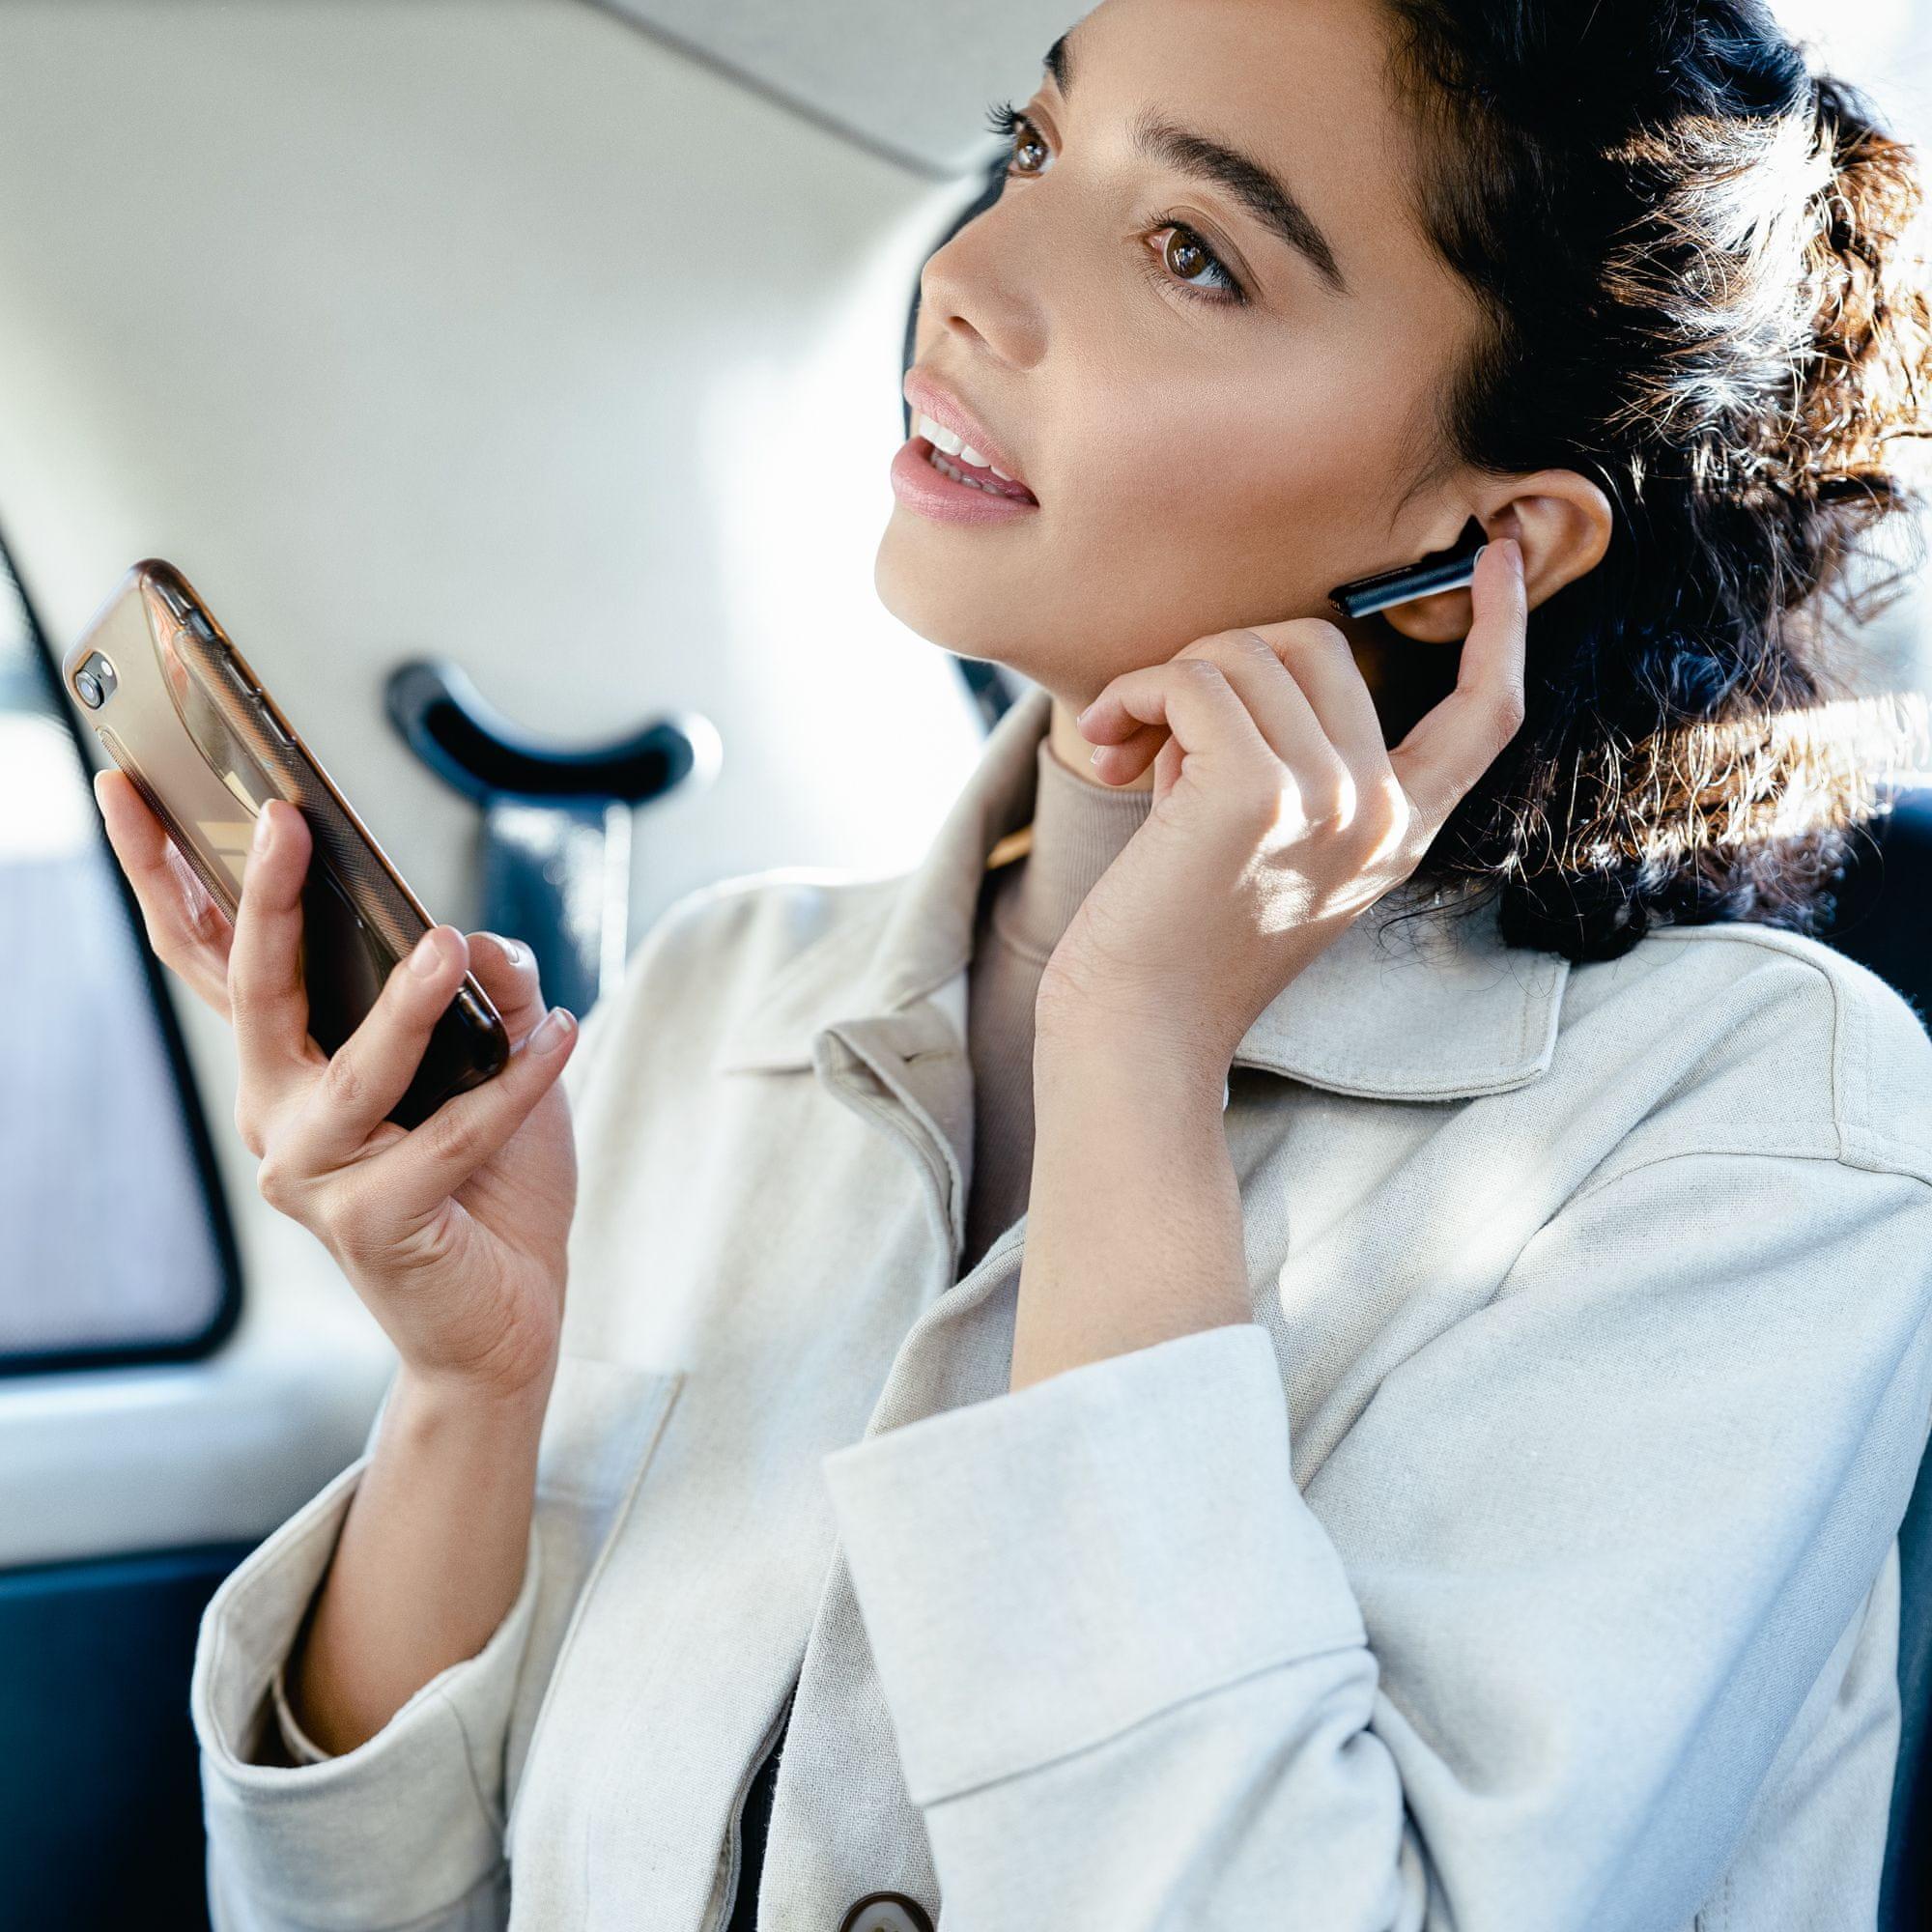 moderní Bluetooth sluchátka panasonic rz-b100 krásný zvuk bohaté basy výdrž 4 h nabíjecí box pro dalších 12 h krásný design pecky do uší ergonomicky tvarované hlasové ovládání handsfree funkce